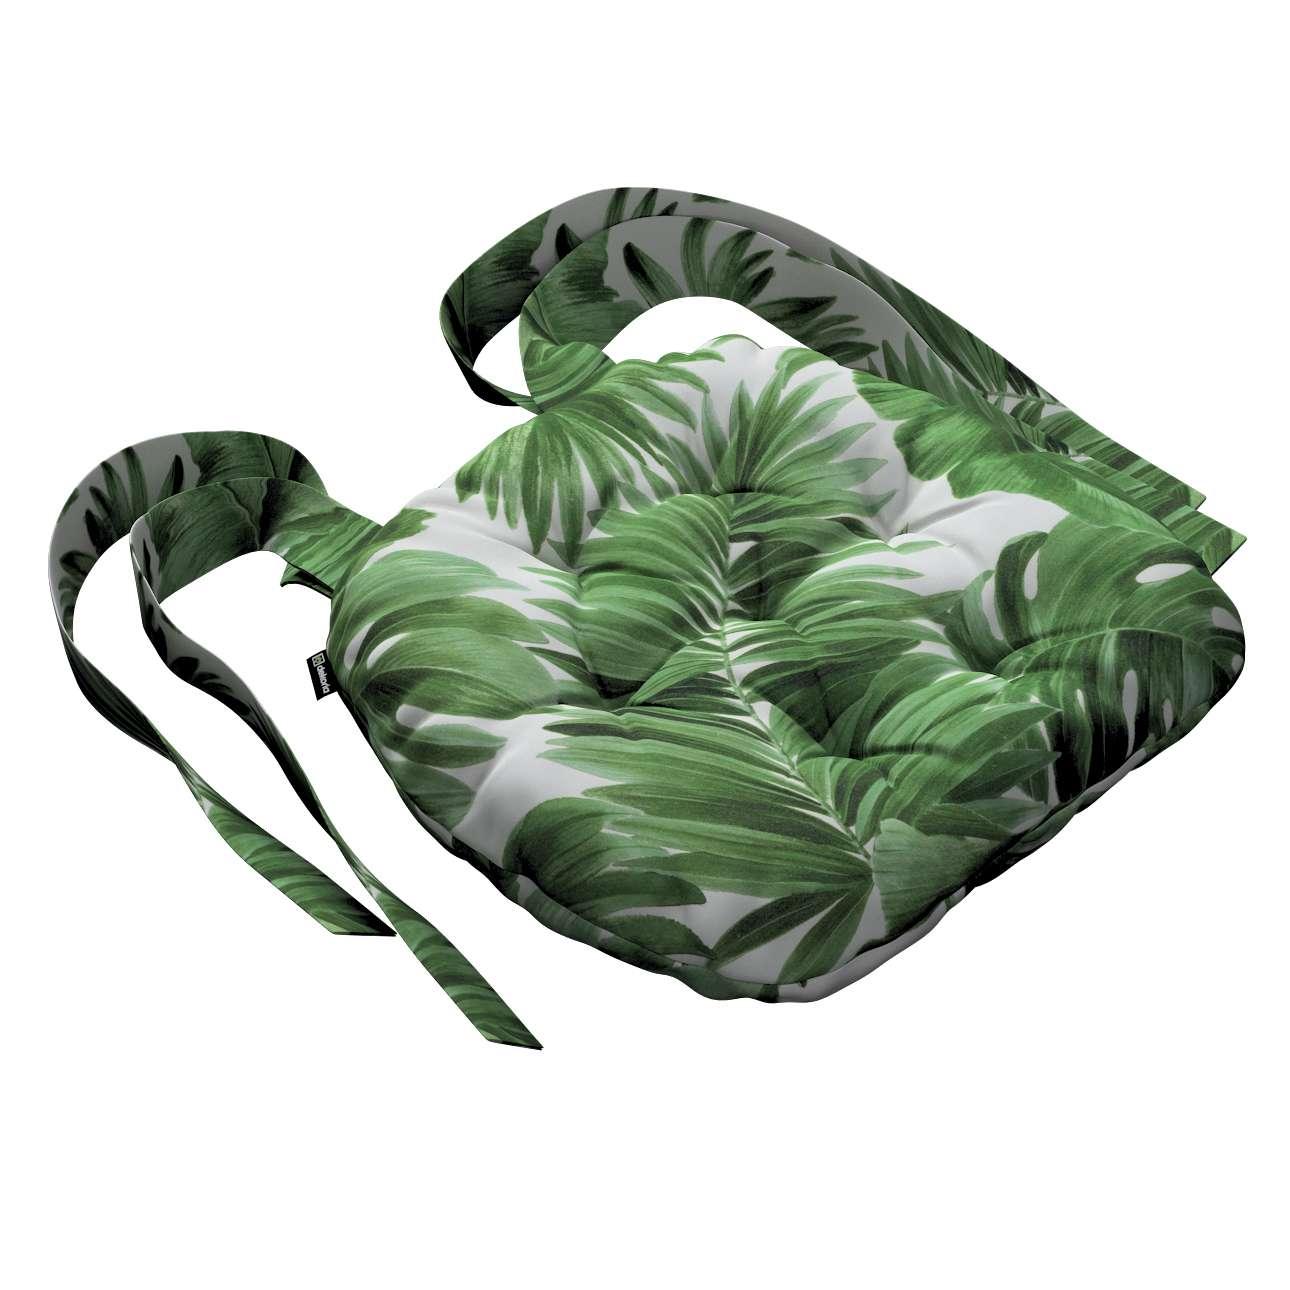 Siedzisko Marcin na krzesło w kolekcji Urban Jungle, tkanina: 141-71